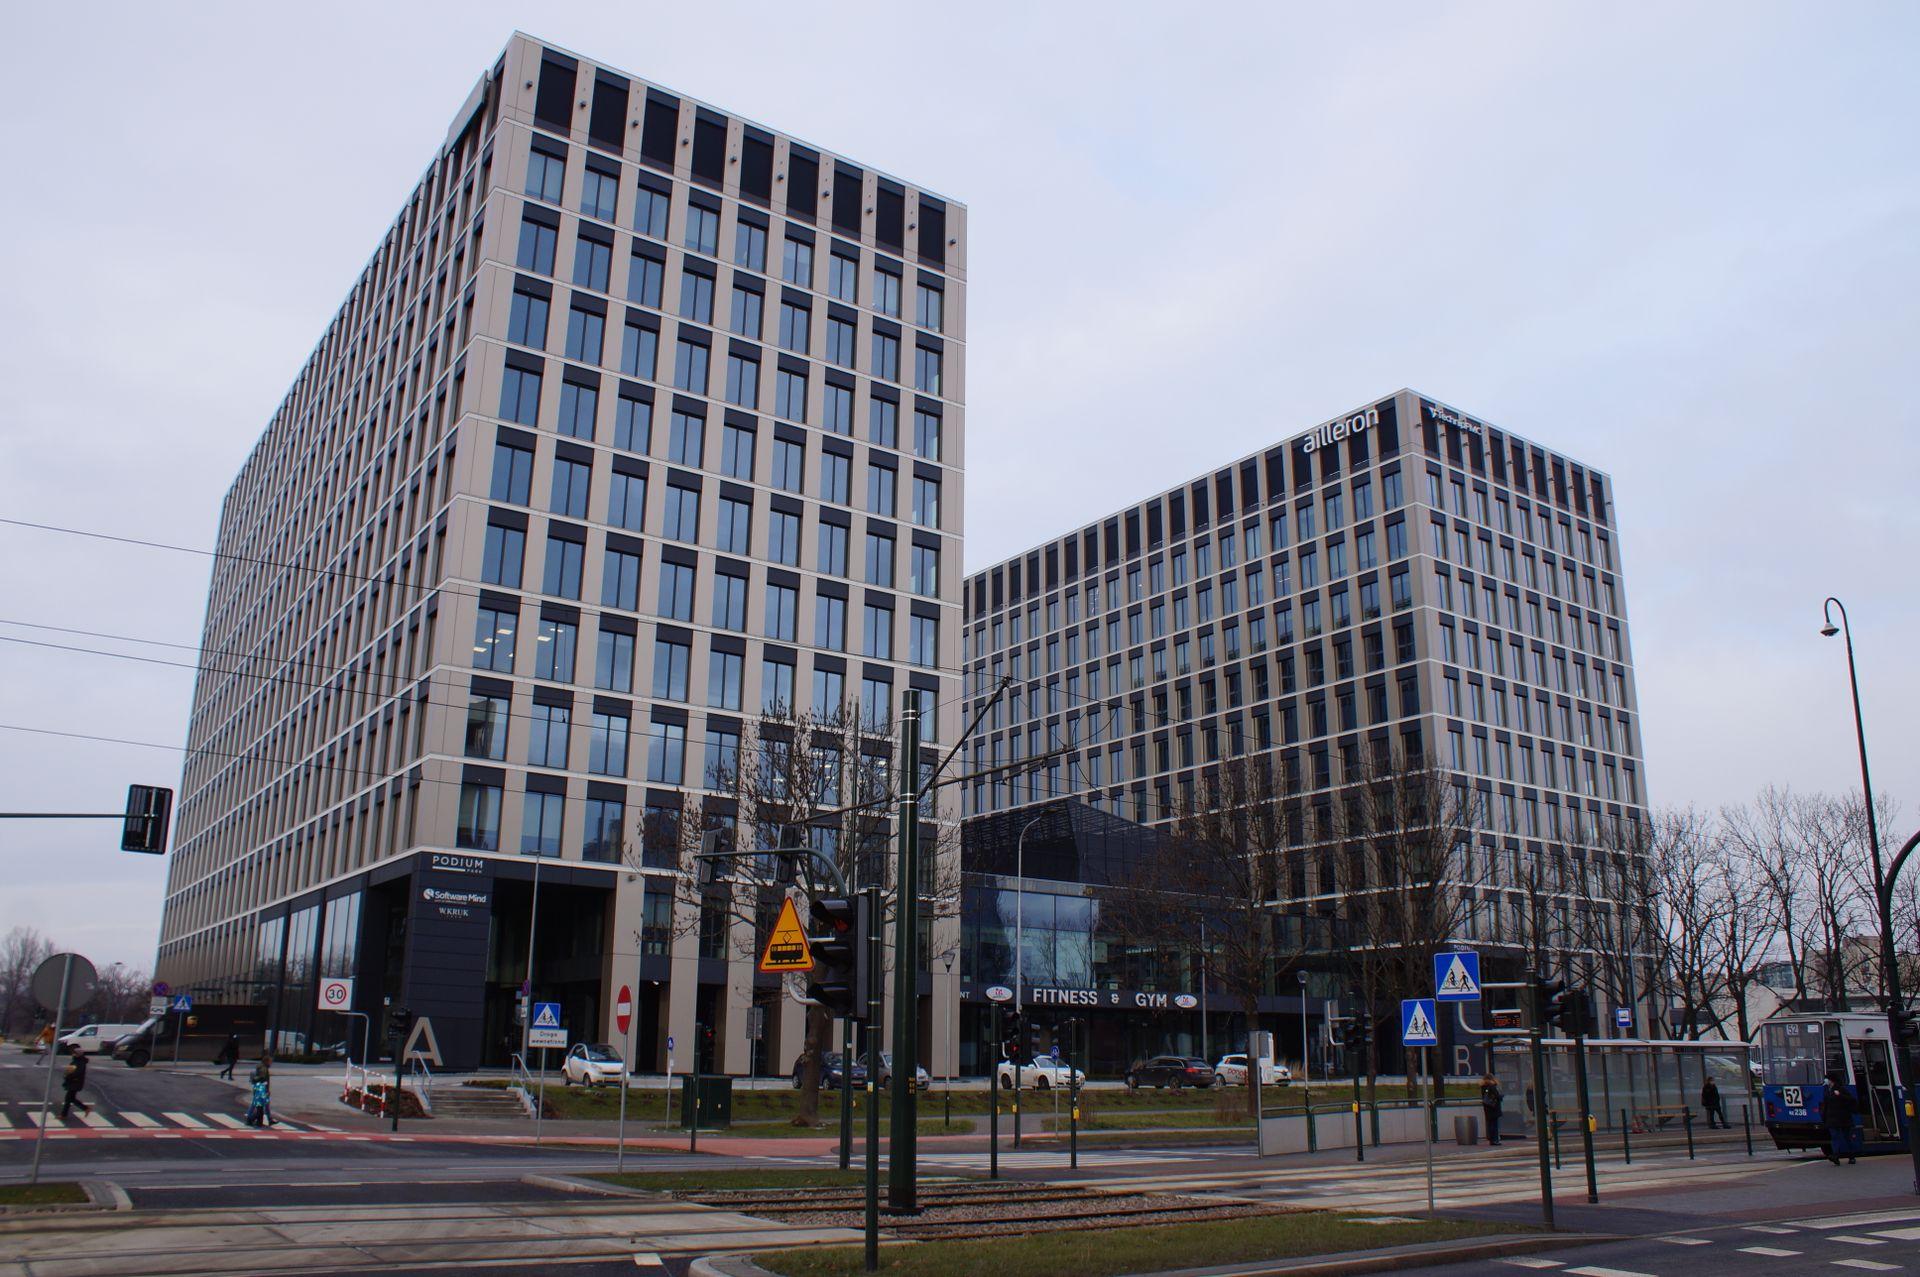 Globalworth buduje w Krakowie kompleks biurowy Podium Park [ZDJĘCIA + WIZUALIZACJE]